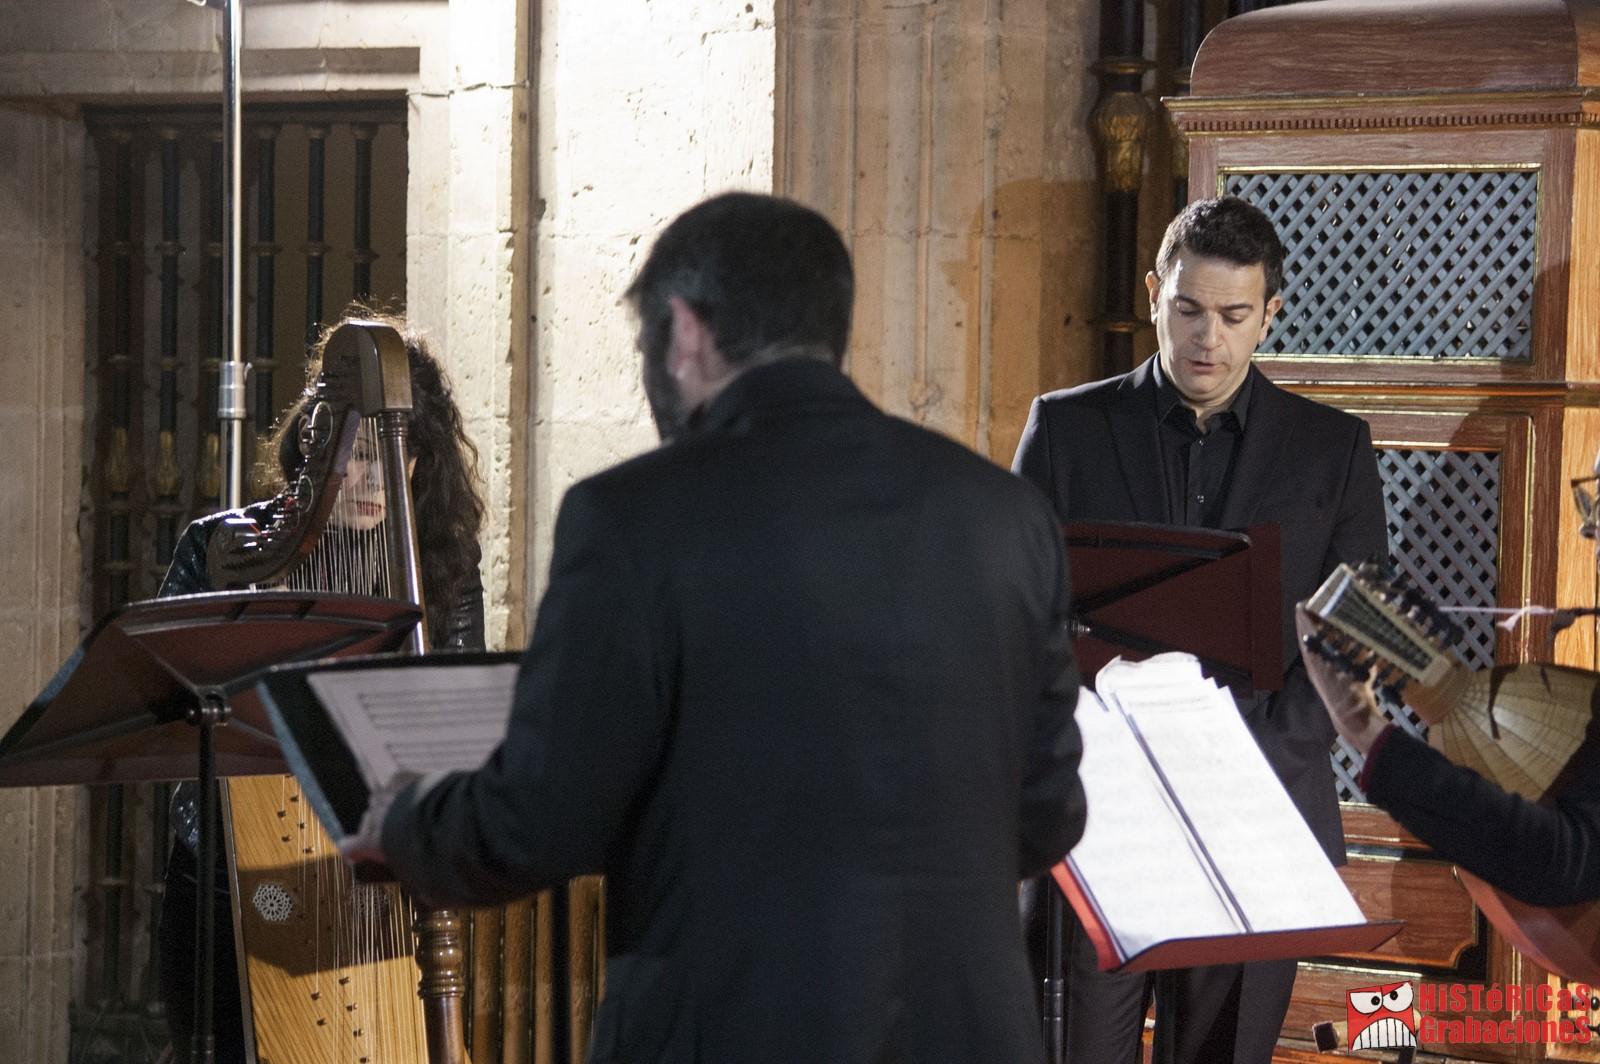 Capilla Jerónimo de Carrión 28-12-2017 (12)